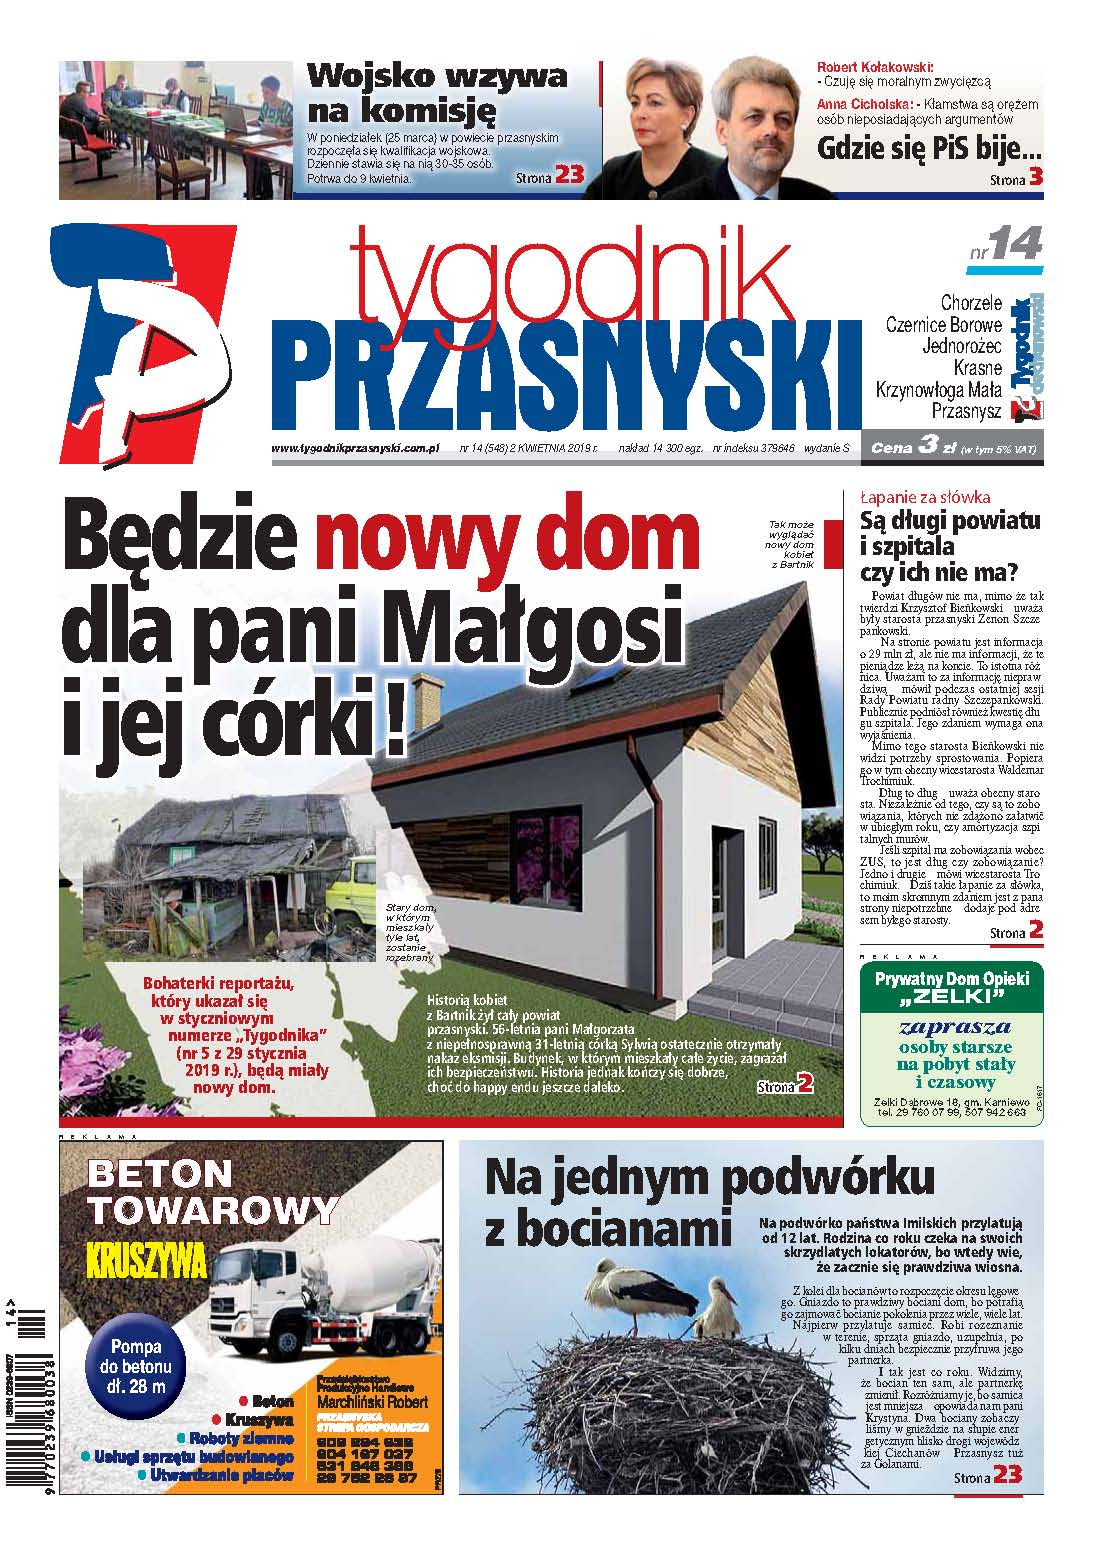 Tygodnik Przasnyski